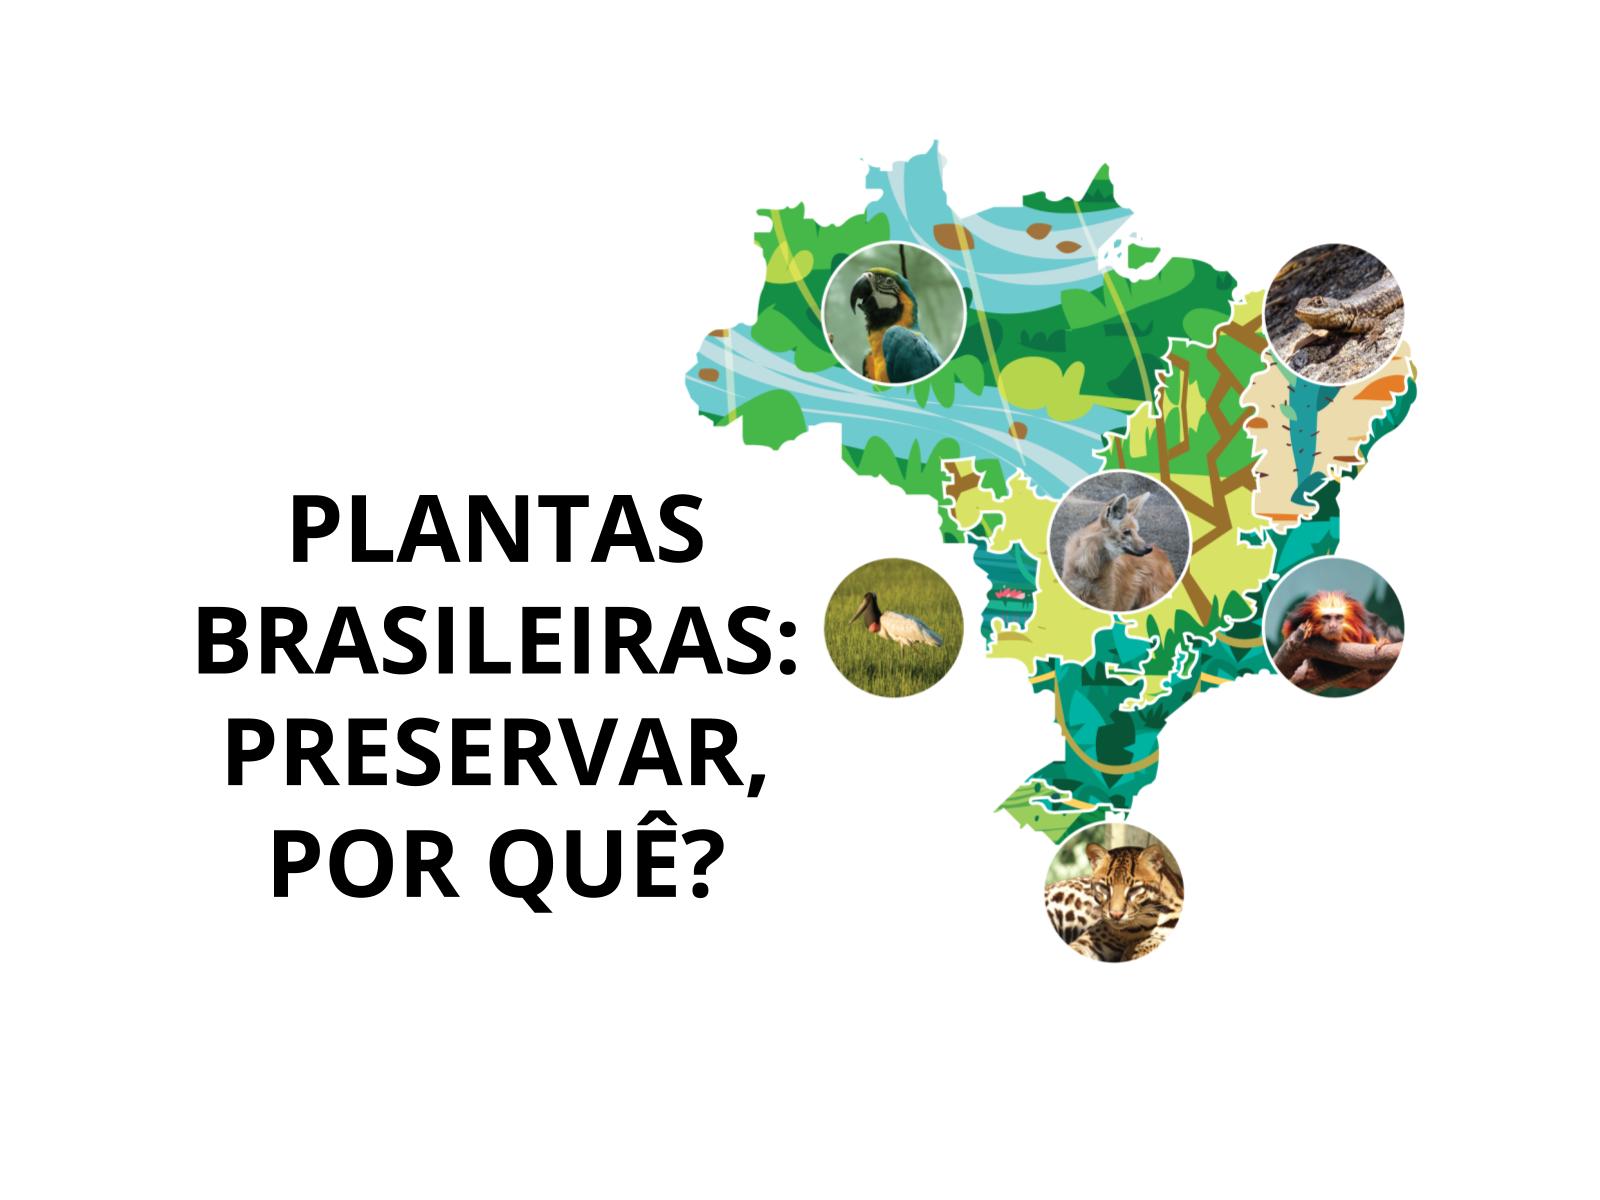 PLANTAS BRASILEIRAS: PRESERVAR, POR QUÊ?